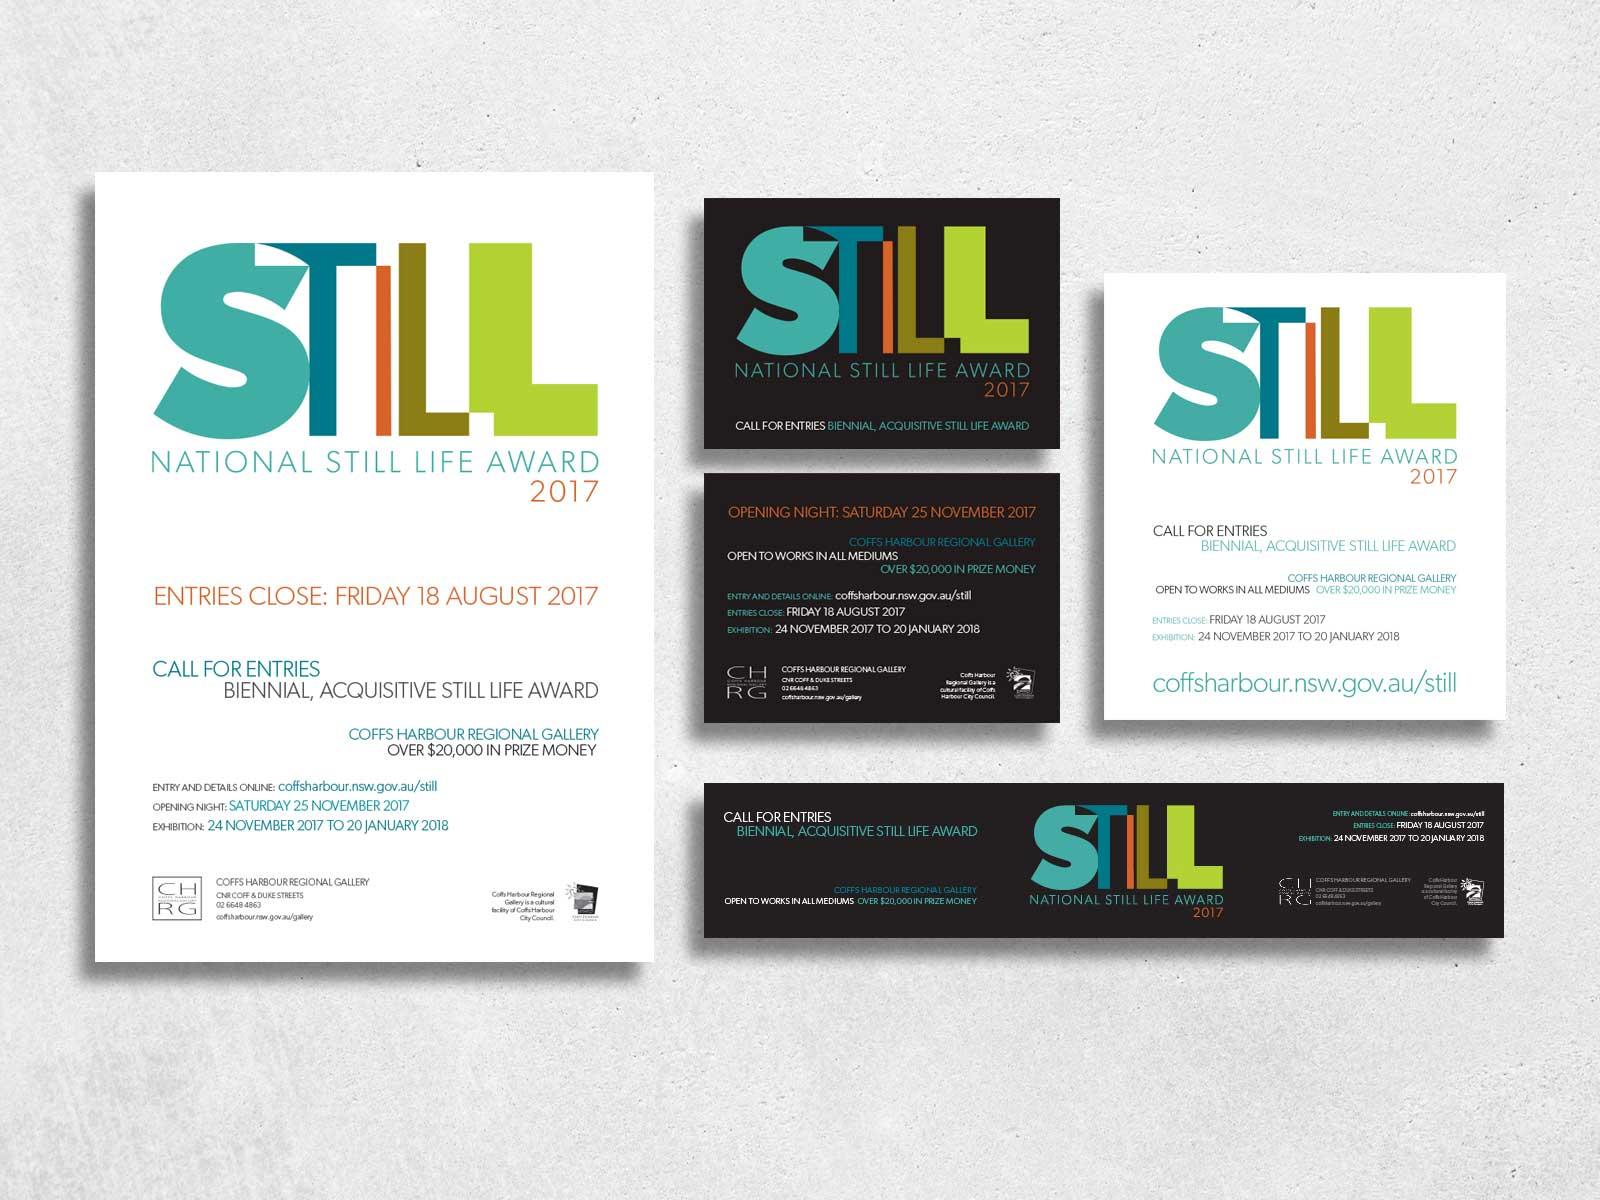 STILL_PRINTMEDIA_1600X1200